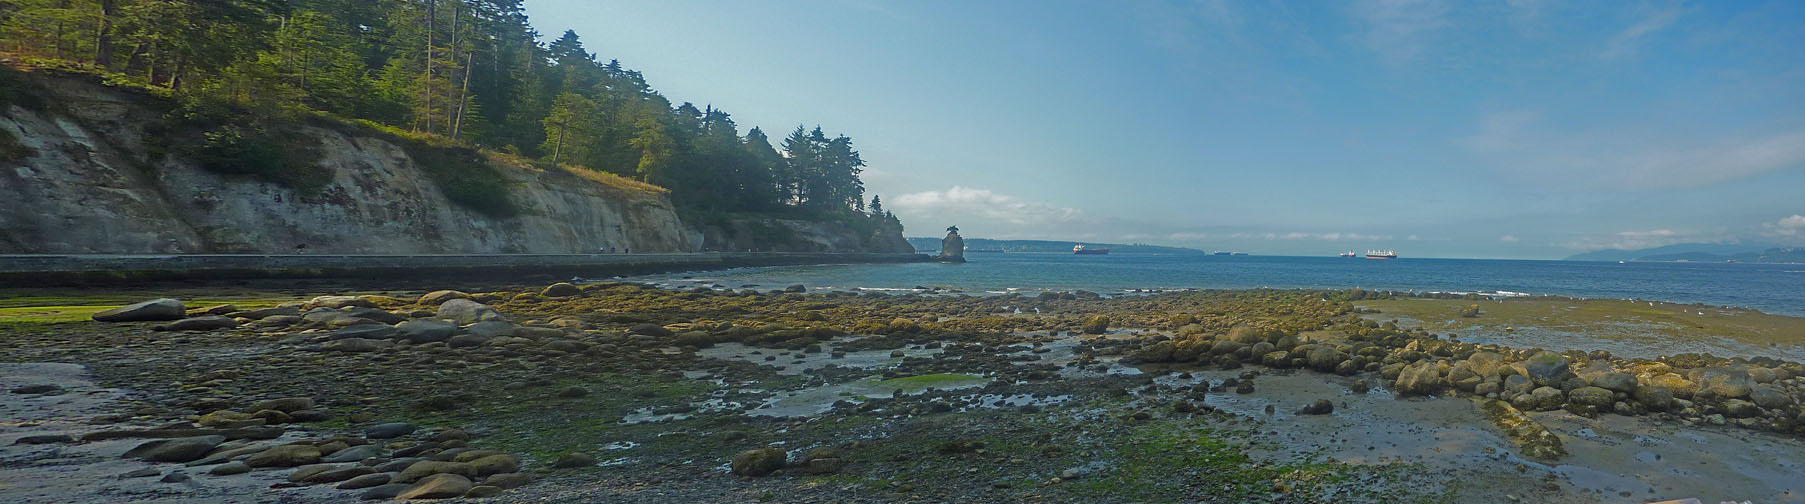 English Bay_Panorama blog